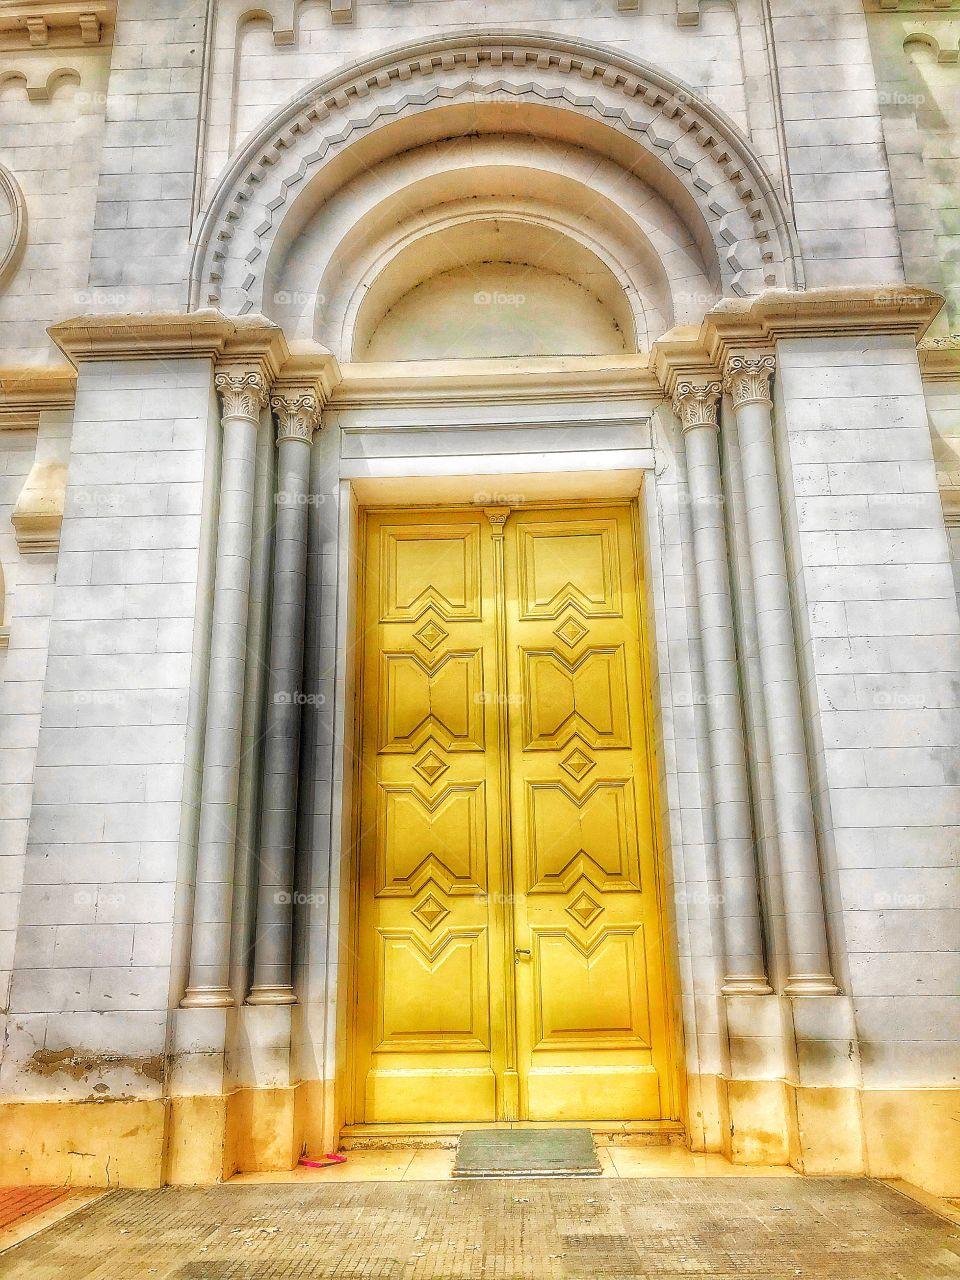 Las puertas doradas de la pequeña iglesia de mi ciudad de origen.